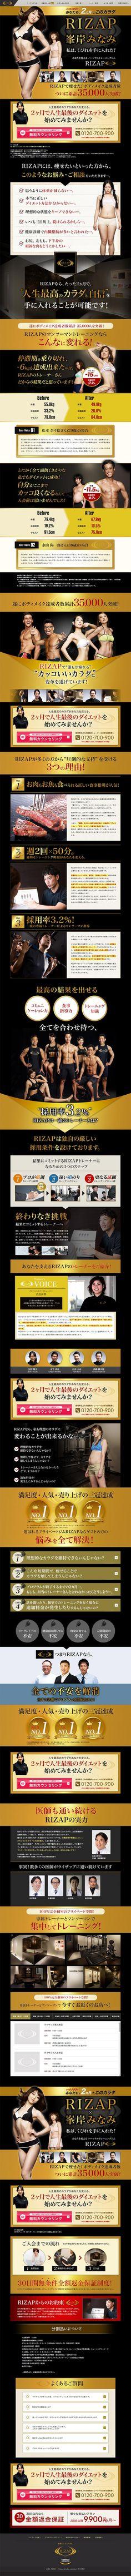 ライザップ Beauty Clinic, Book Posters, Web Design Inspiration, Layout, Japan, Graphic Design, Landing, Banner, Graphics